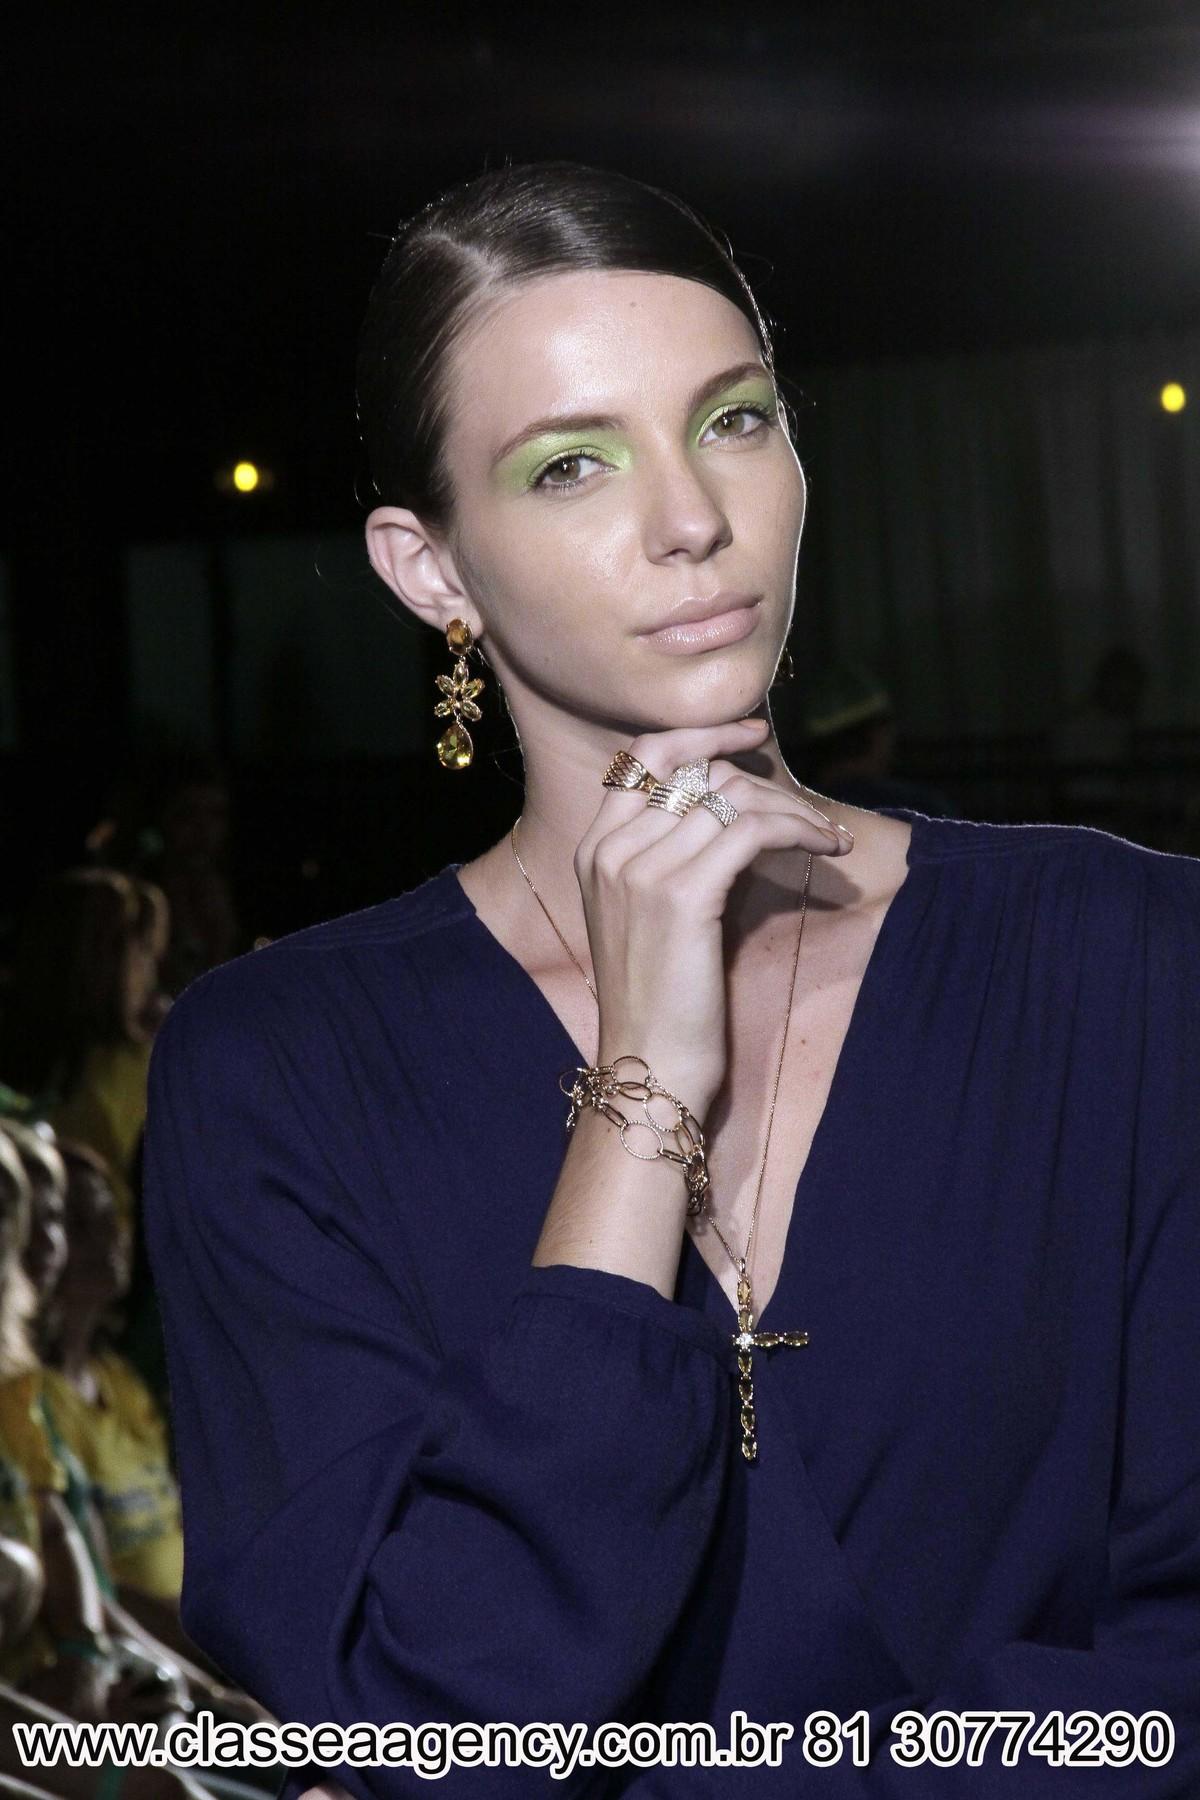 modelos para desfile de moda